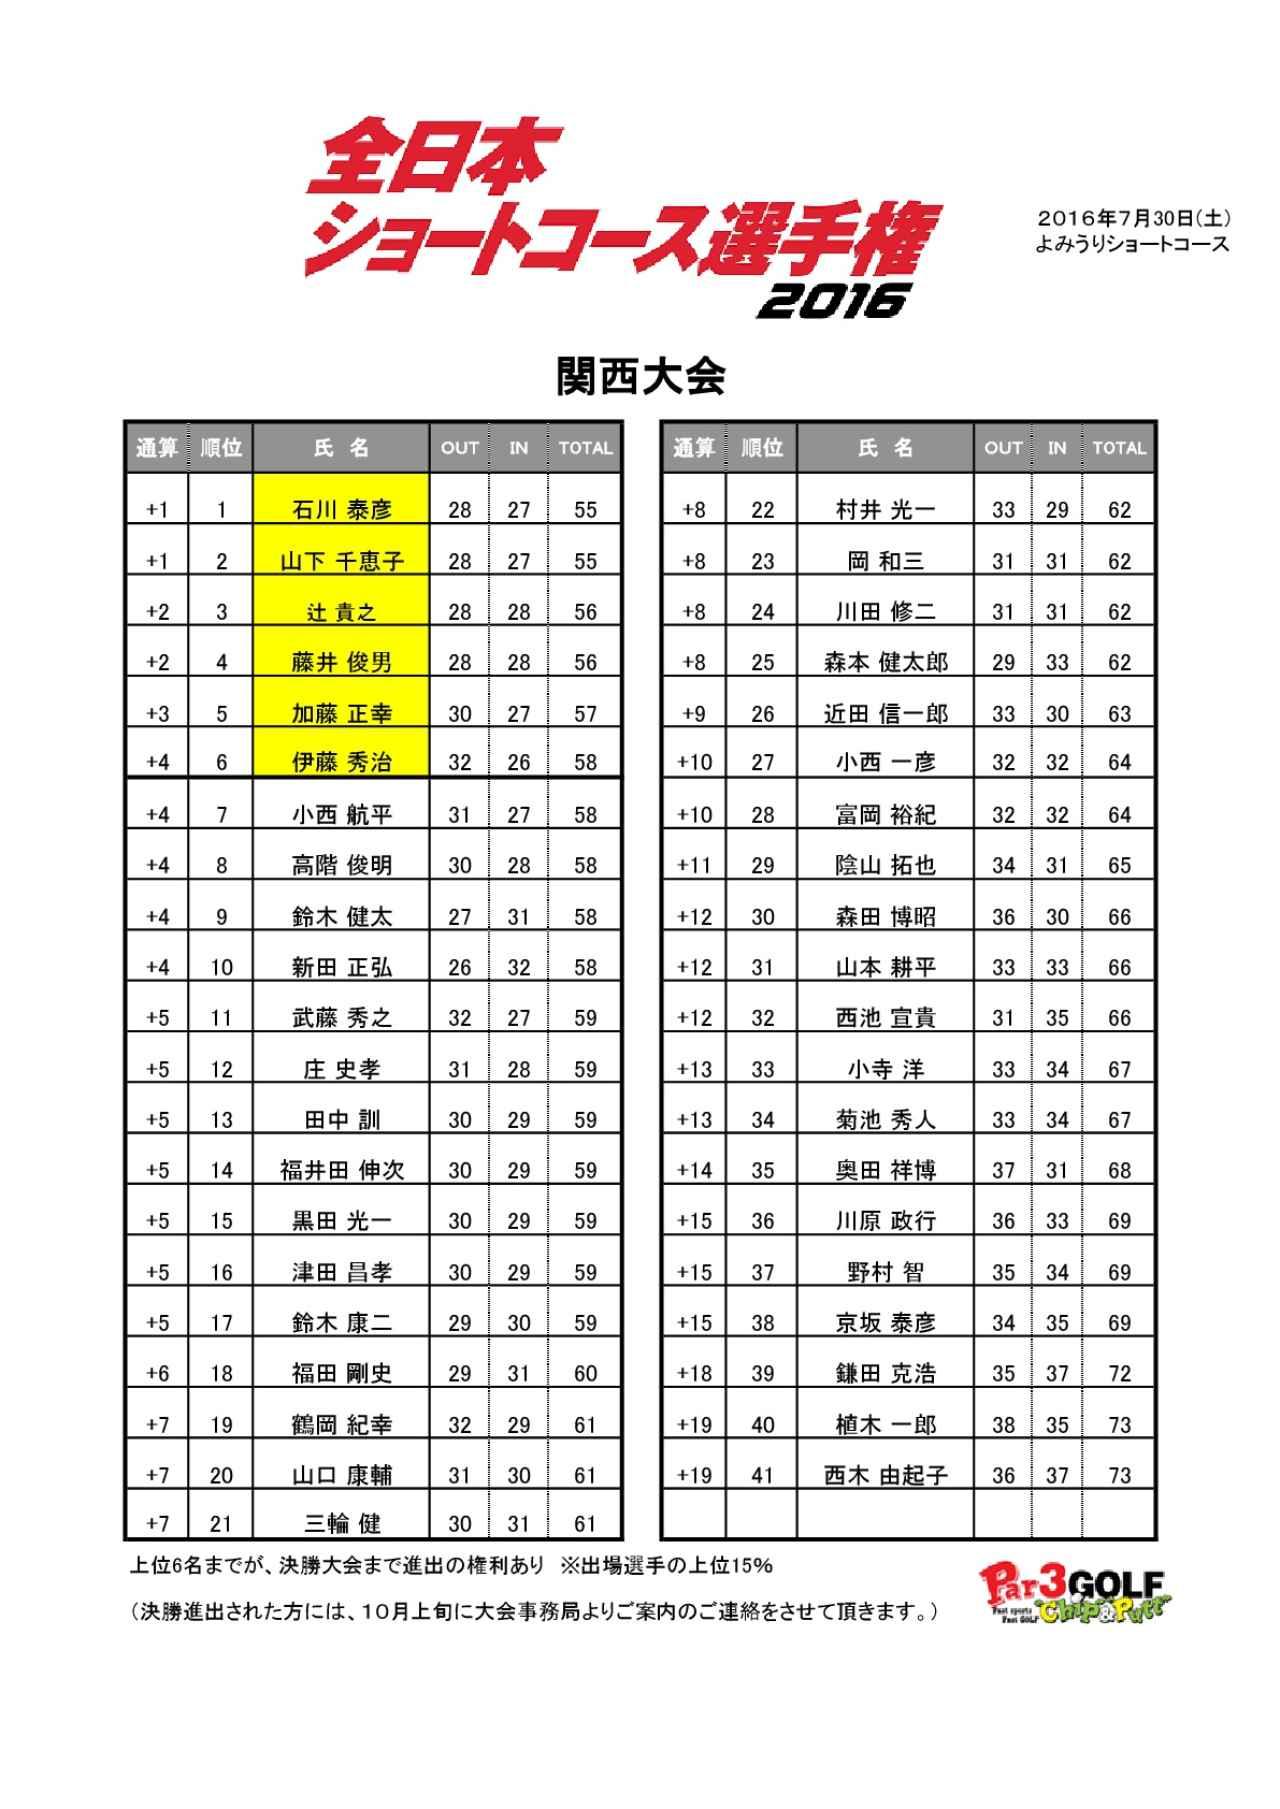 画像2: 同じく1オーバーながらマッチングで2位となった山下千恵子選手